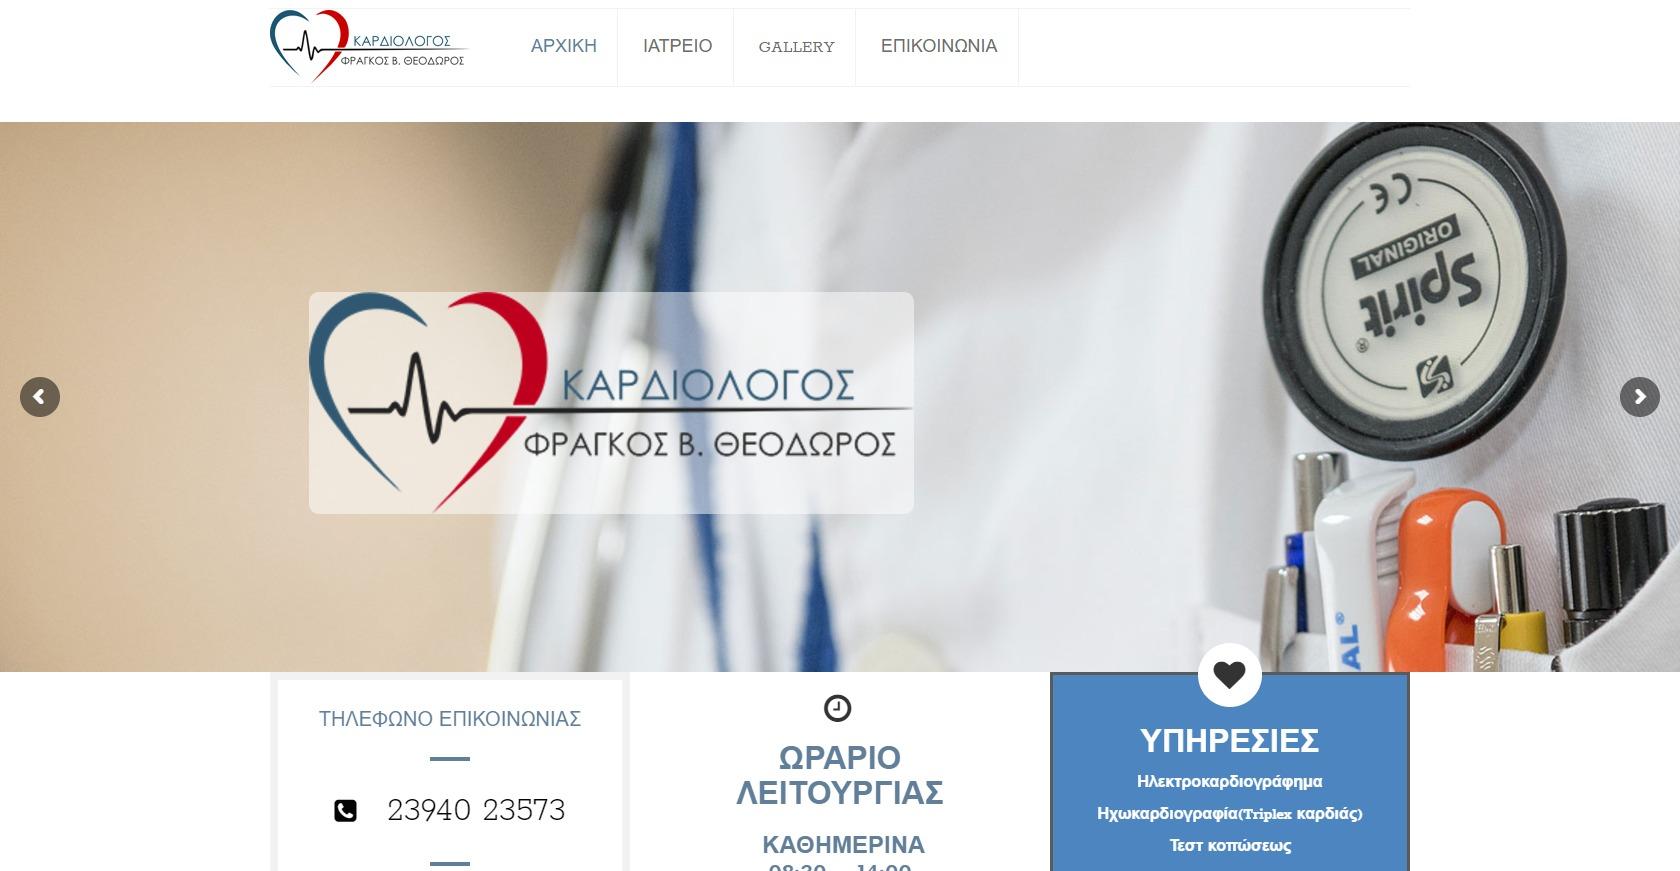 Καρδιολόγος Θεόδωρος Φράγκος